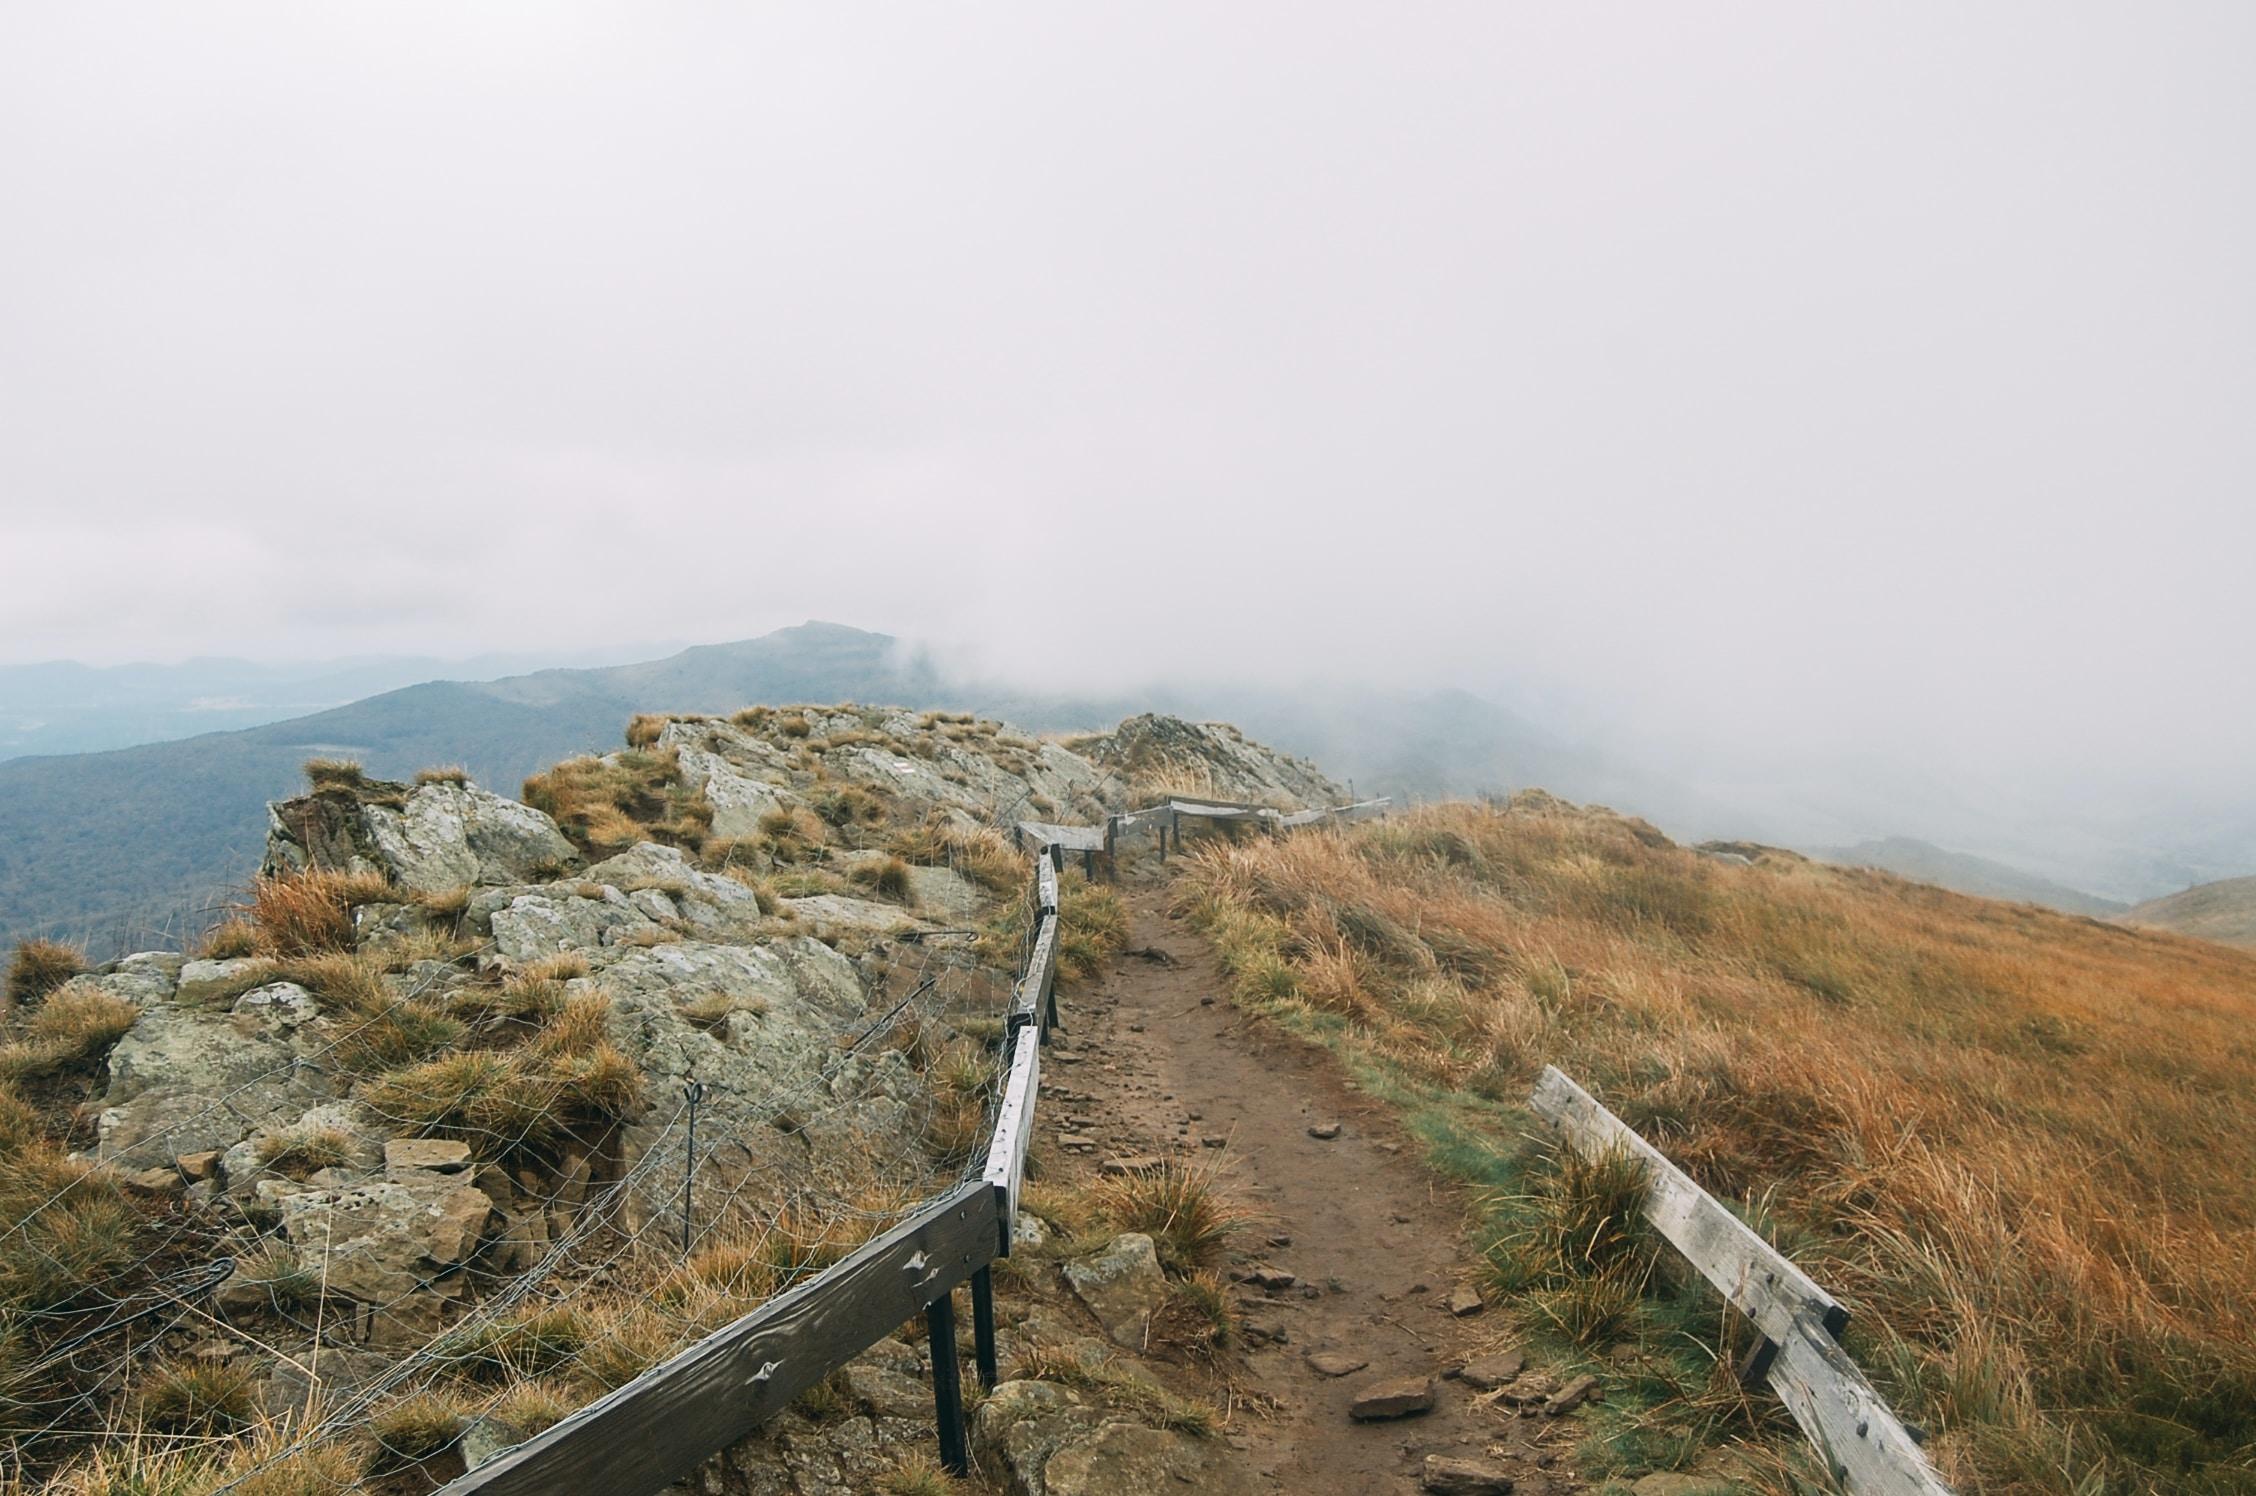 Rugged walking trail through desert mountains